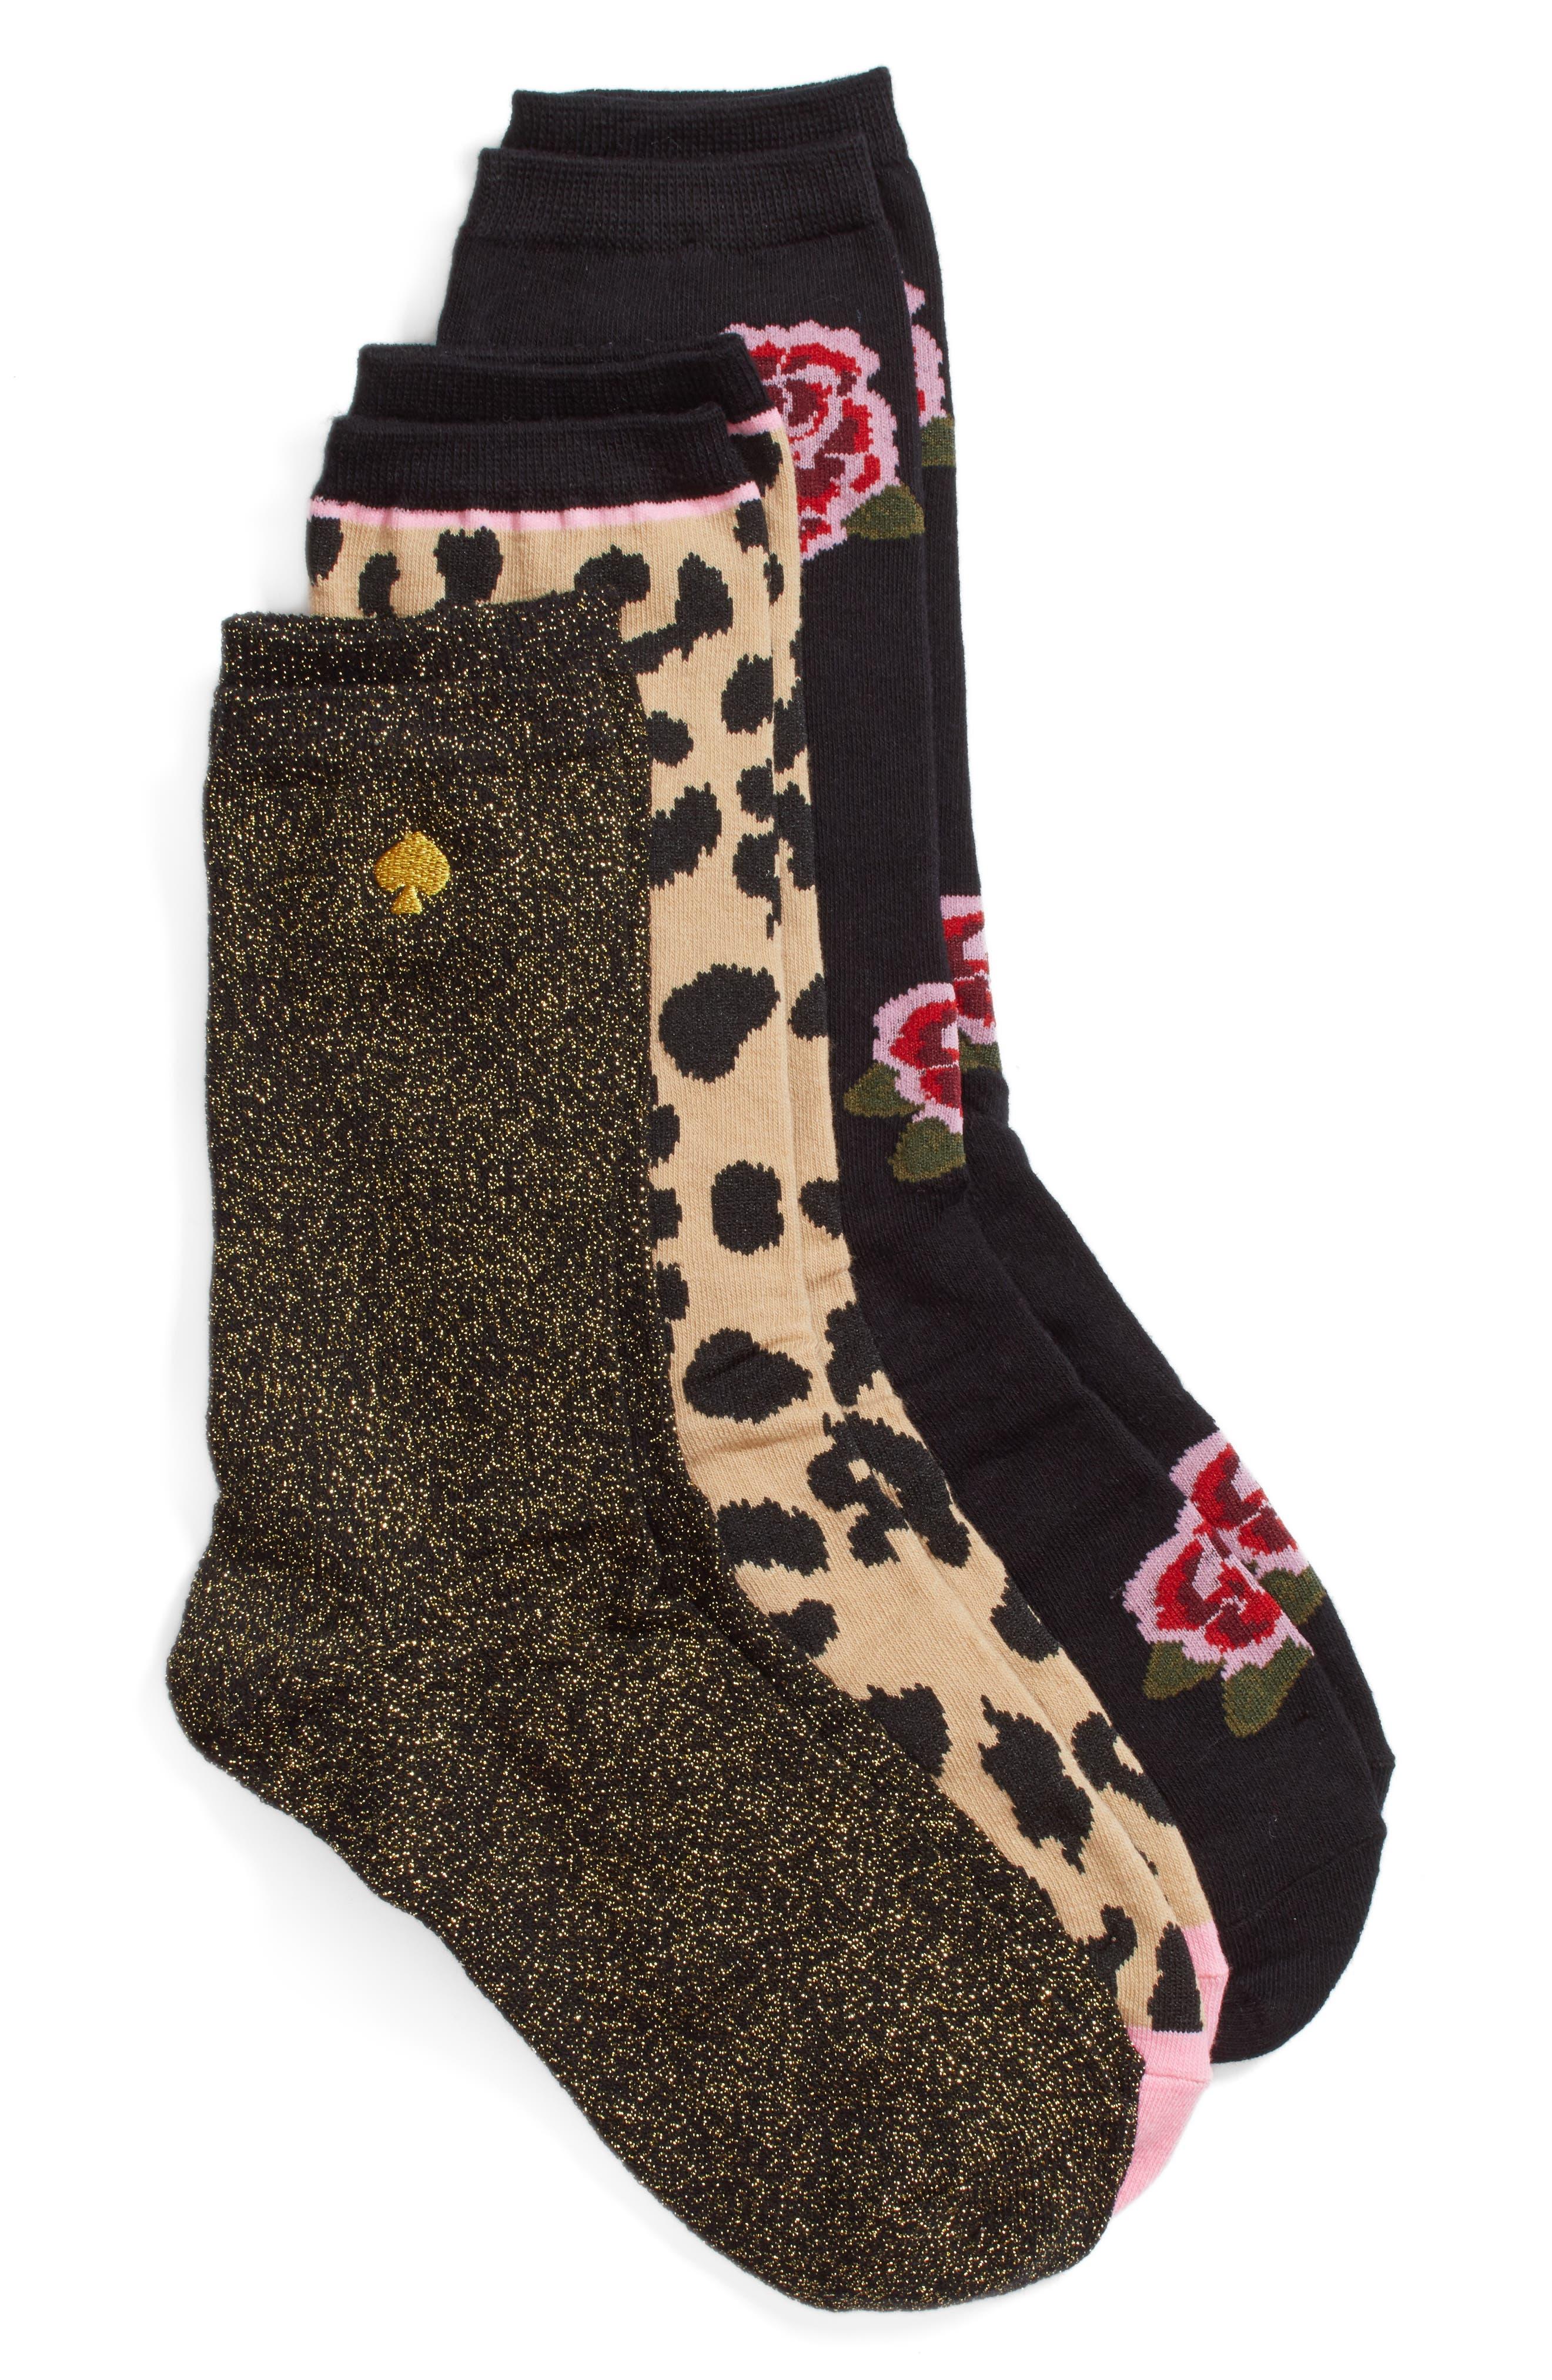 kate spade new york rose 3-pack trouser socks